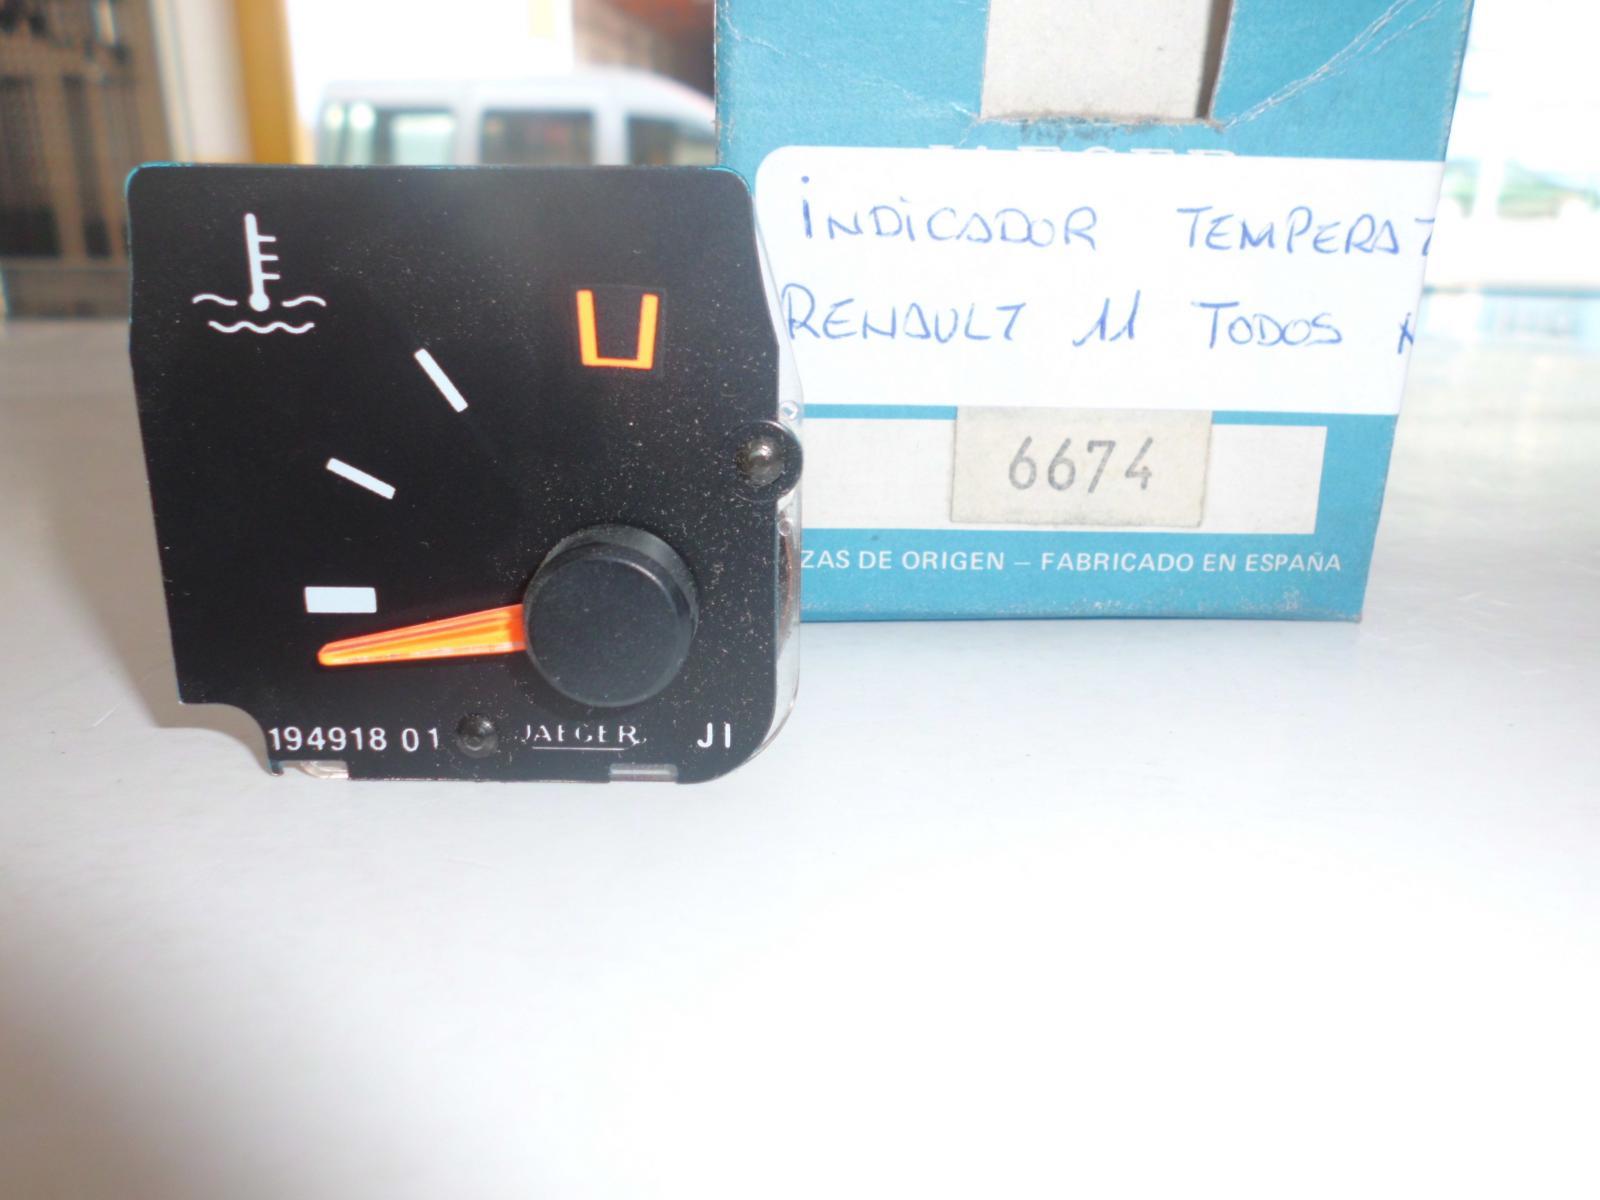 Indicador de temperatura de Renault 11